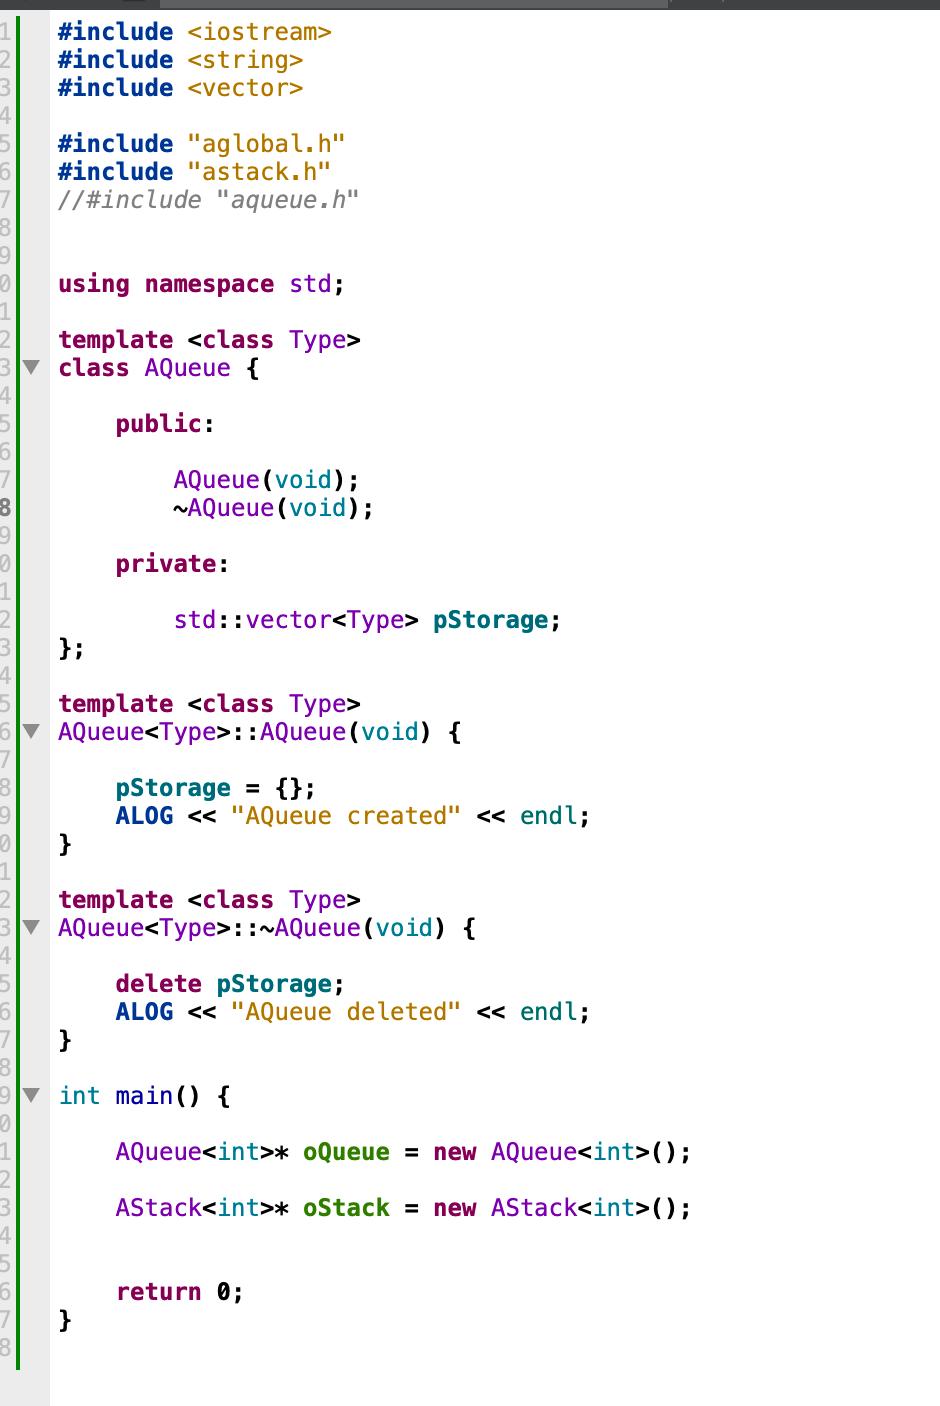 Screenshot 2020-01-19 at 15.07.03.png